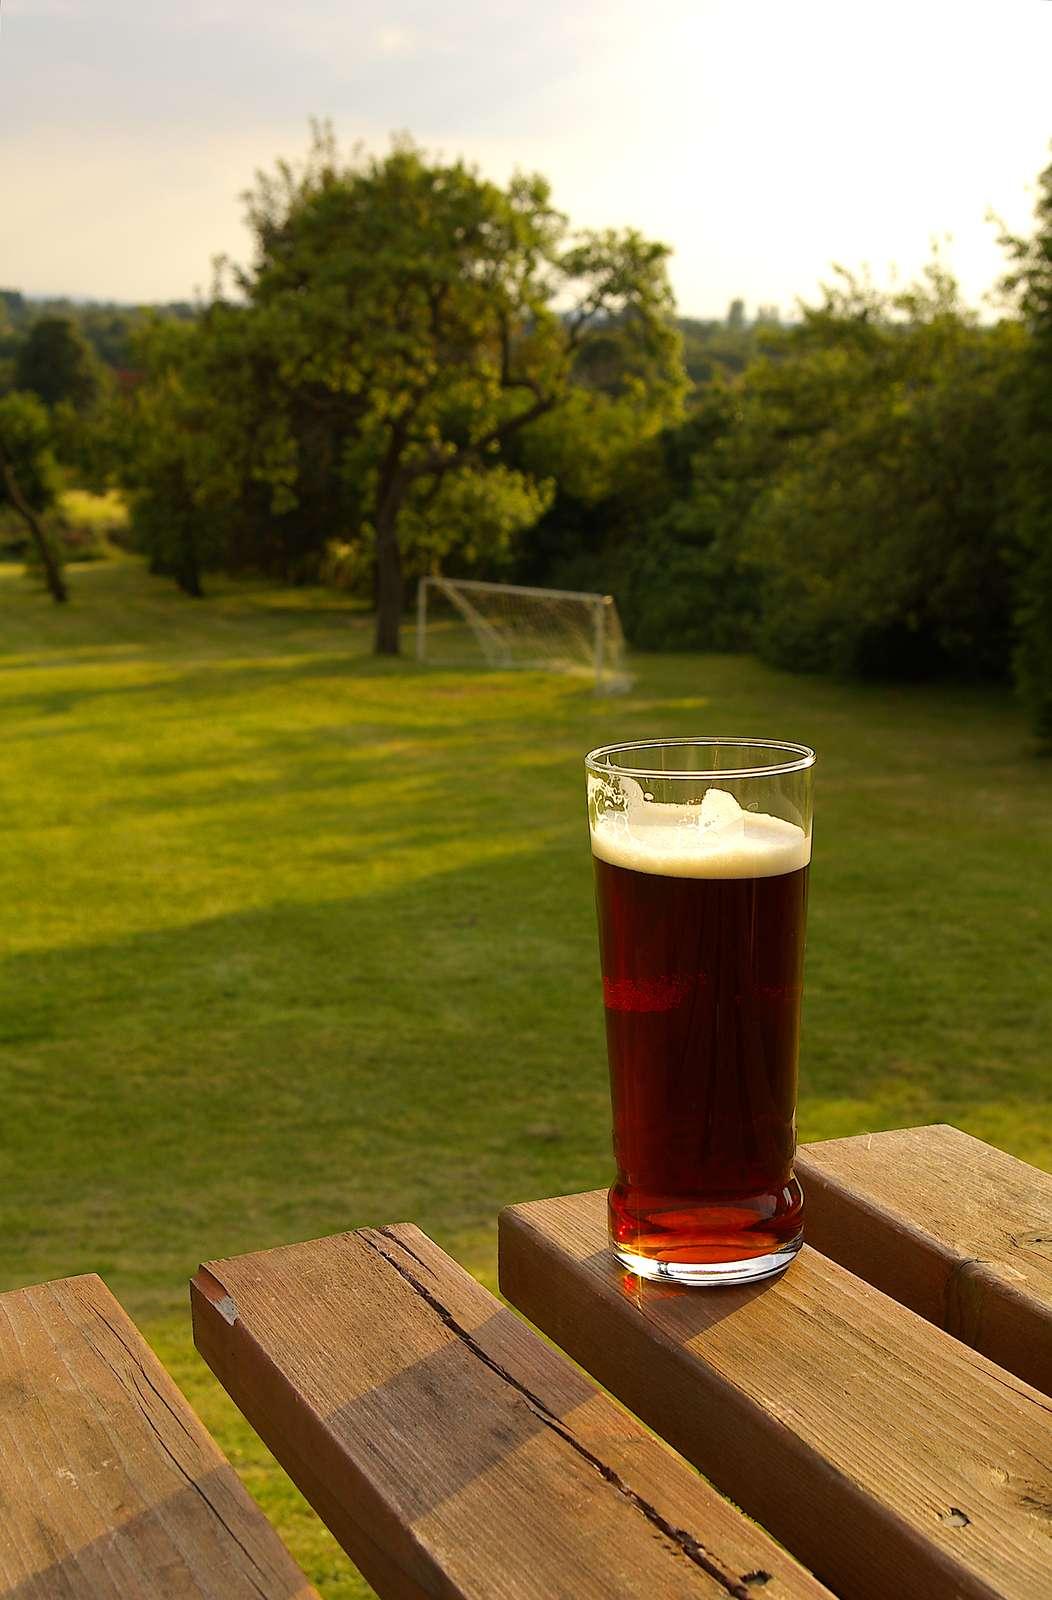 Beer Garden Season Is Here Wisconsin Independent